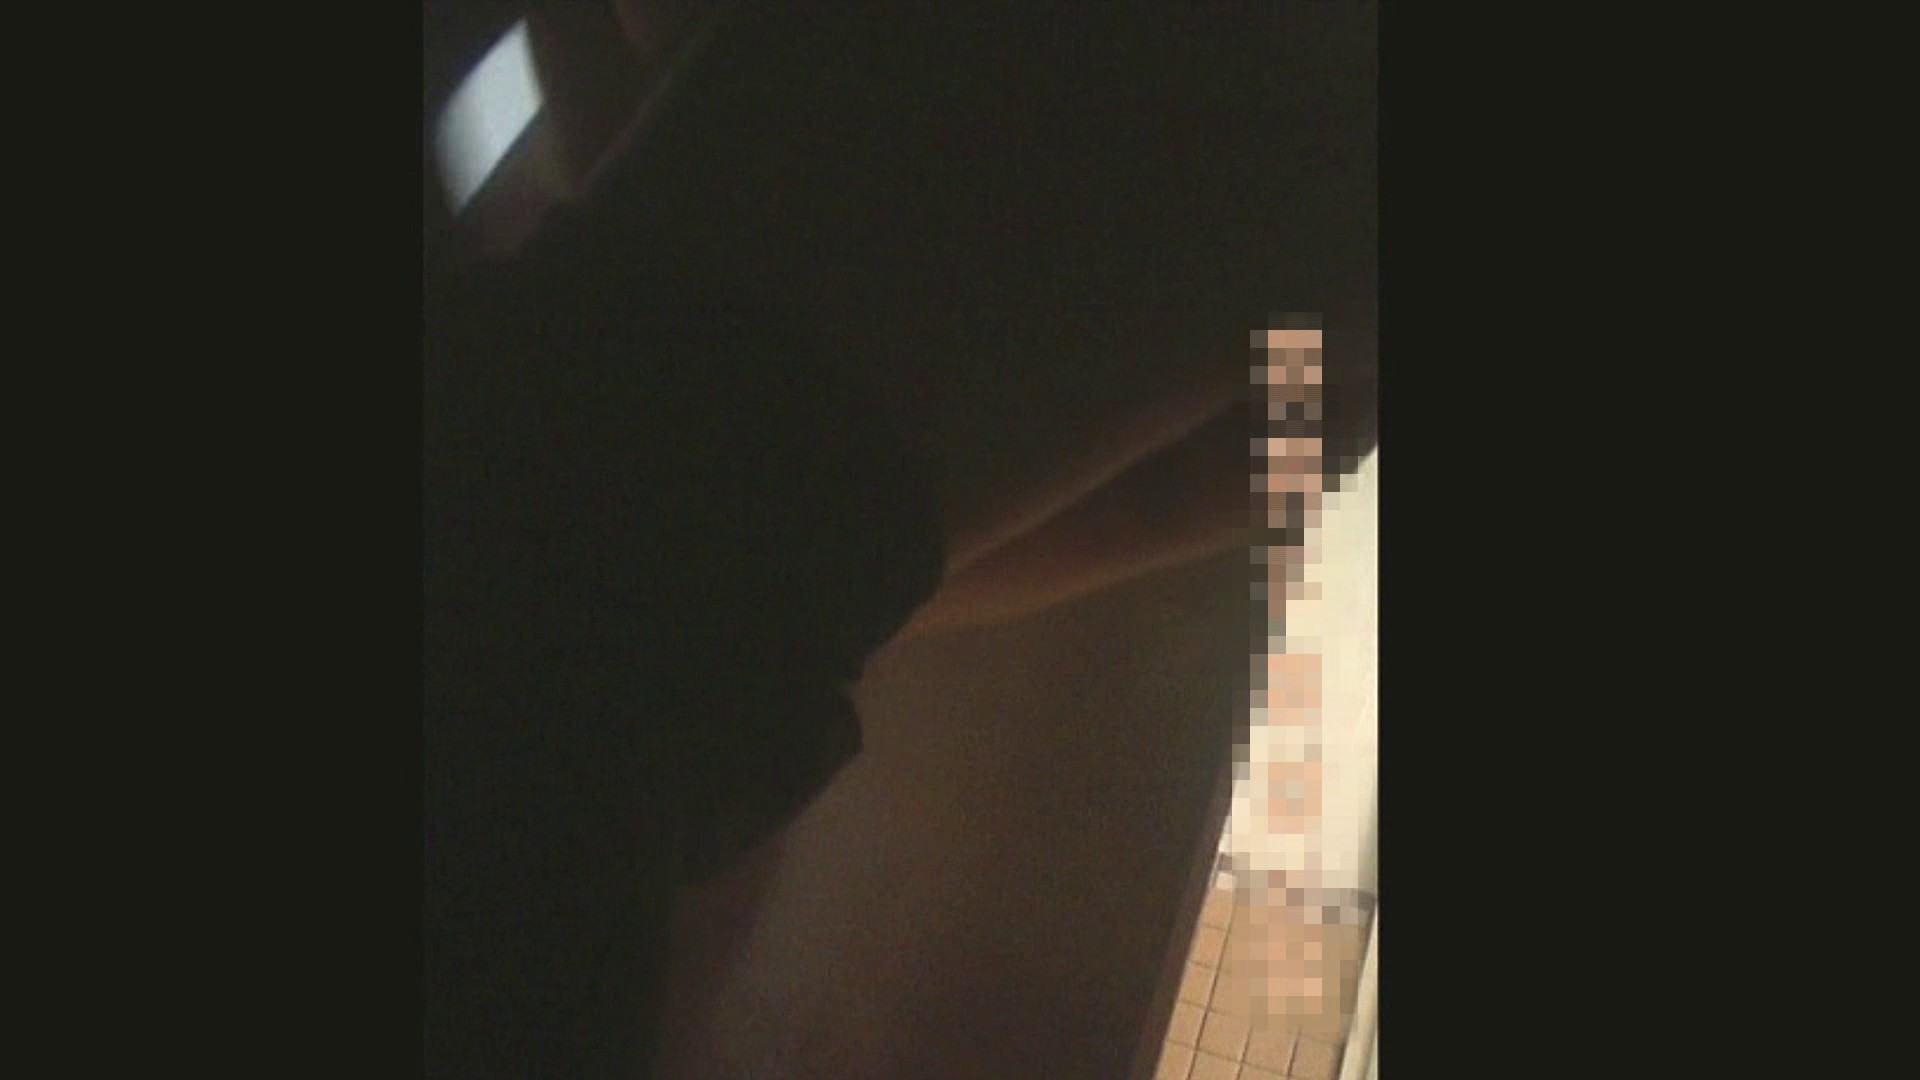 エッチ 熟女|巨乳!韓国人留学生 チャ●MUちゃん  Vol.22 脱衣編|怪盗ジョーカー